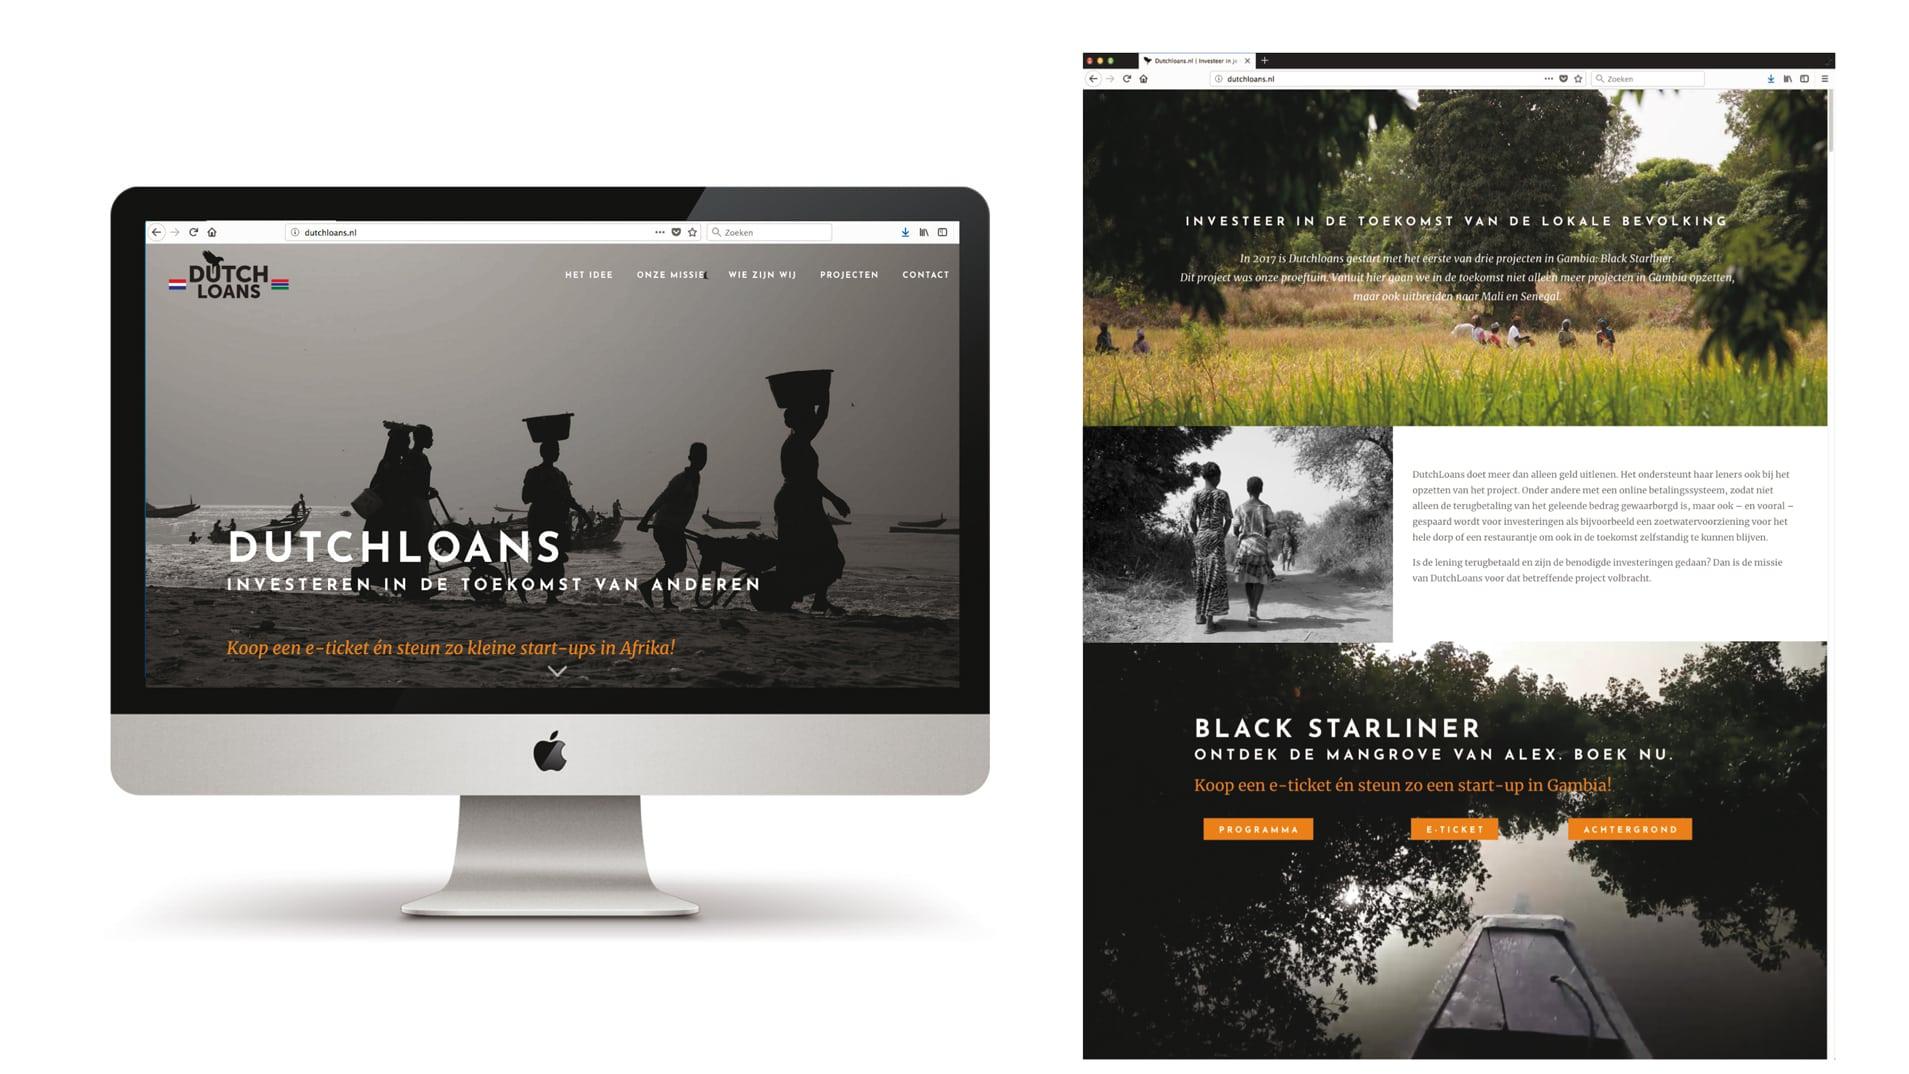 Regievoering en vormgeving van een Identiteit voor een organisatie ter ondersteuning van Afrikaanse start ups - Dutchloans